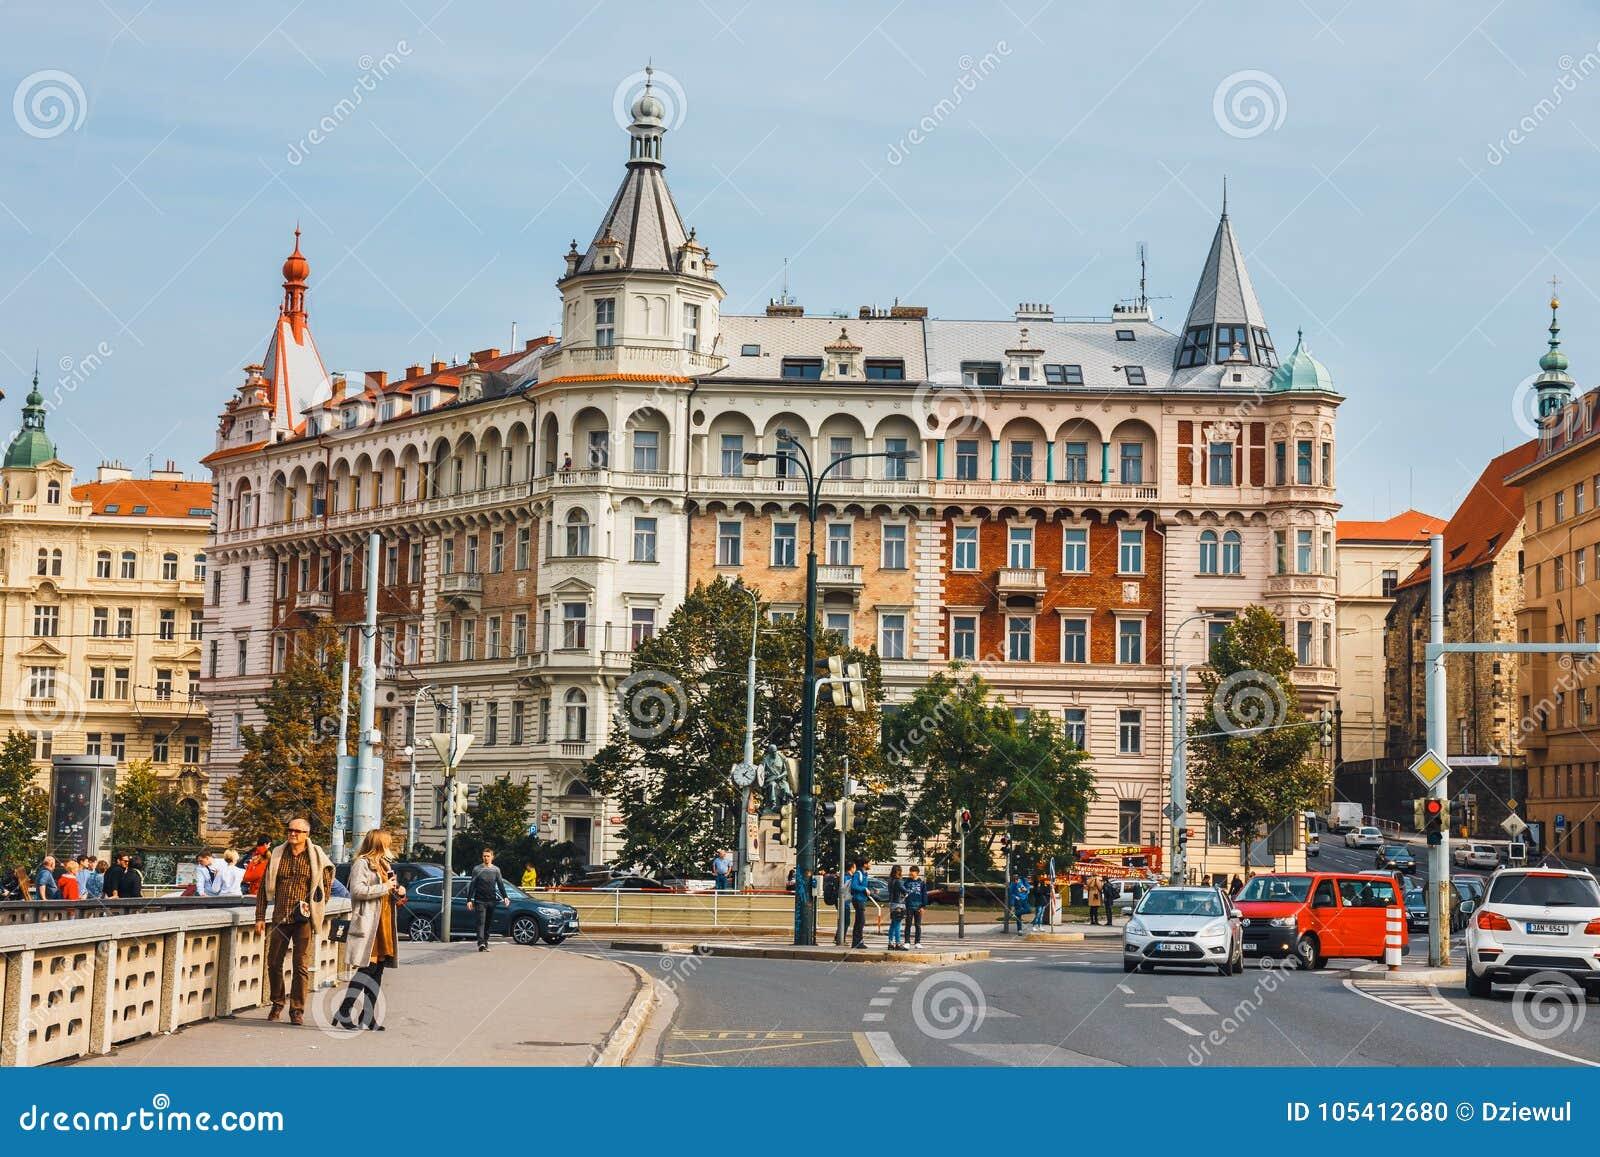 Взгляд исторического центра Праги с красивыми историческими арендуемыми квартирами